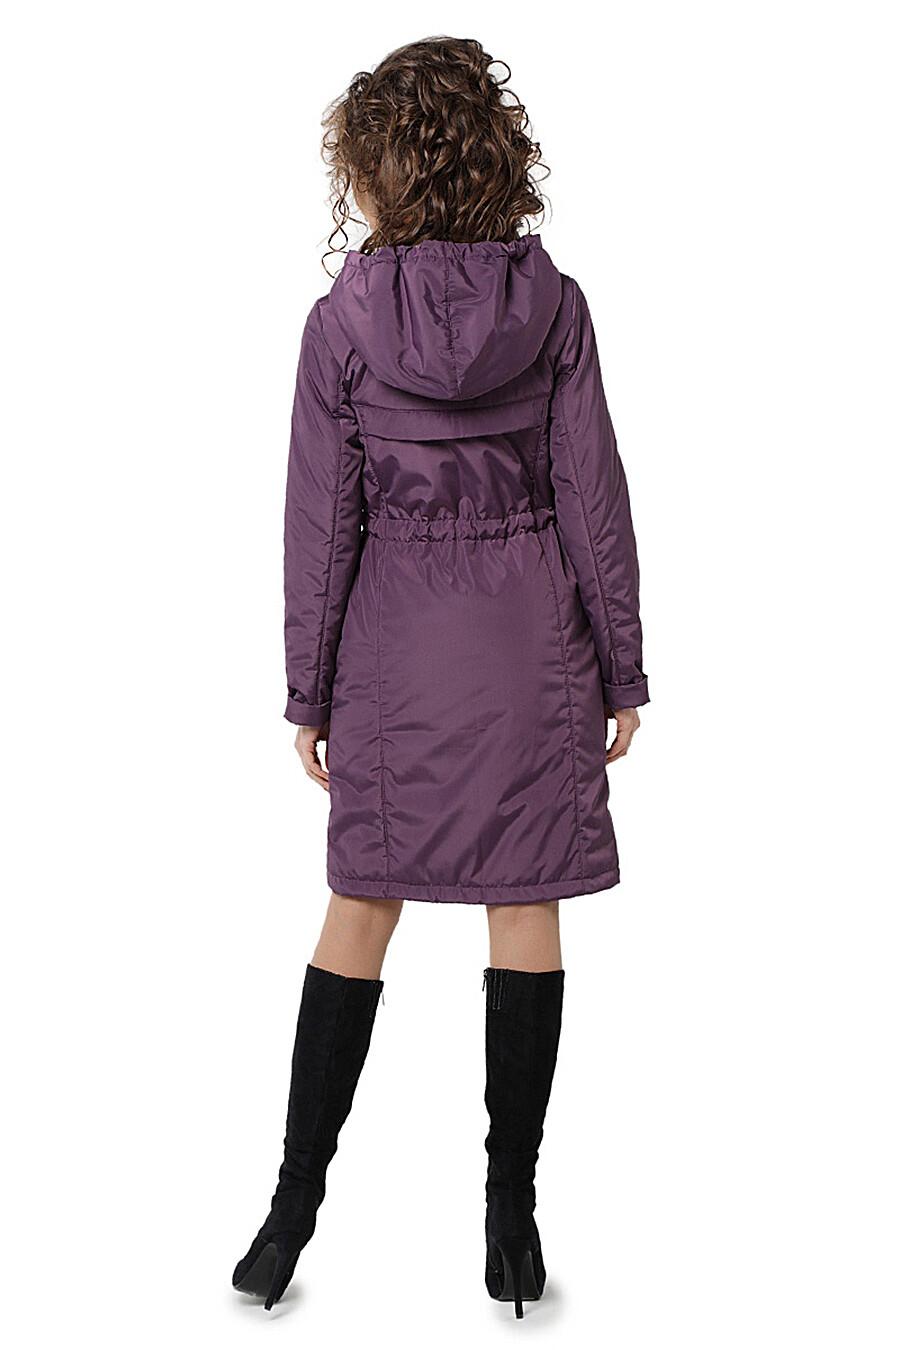 Плащ для женщин DIWAY 169611 купить оптом от производителя. Совместная покупка женской одежды в OptMoyo